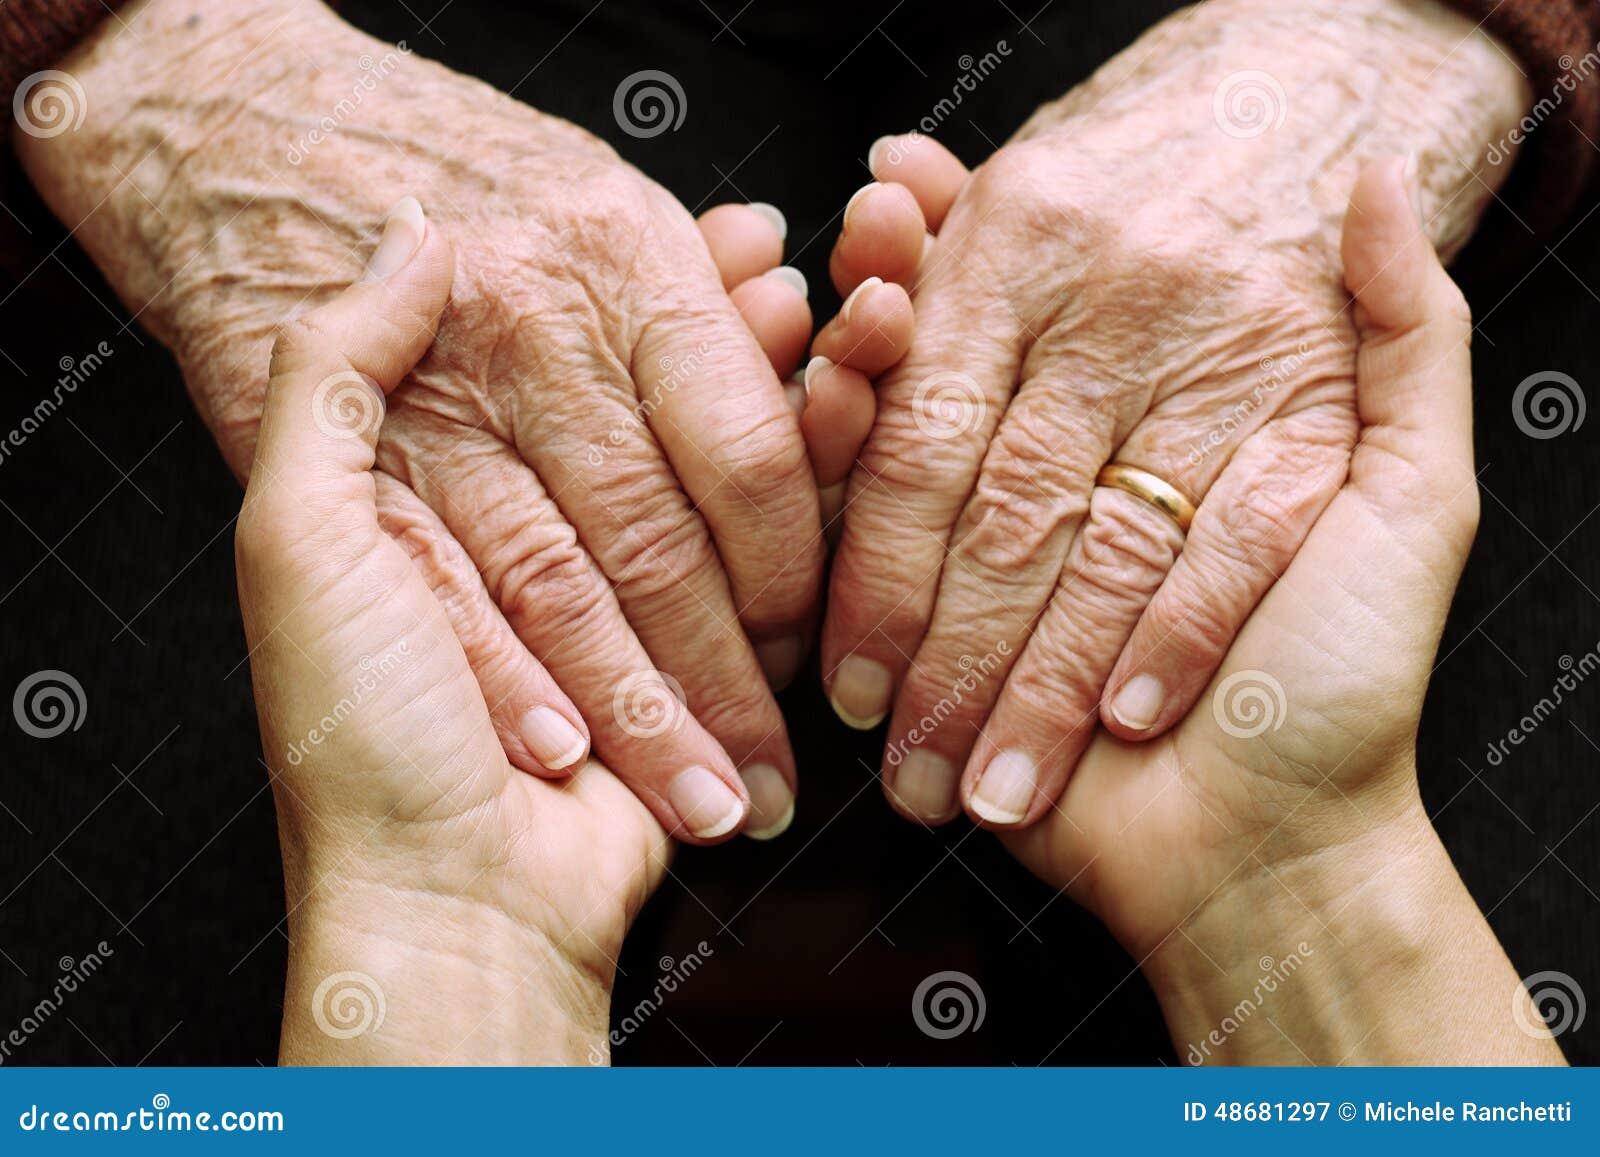 Soutenez et aidez les personnes âgées